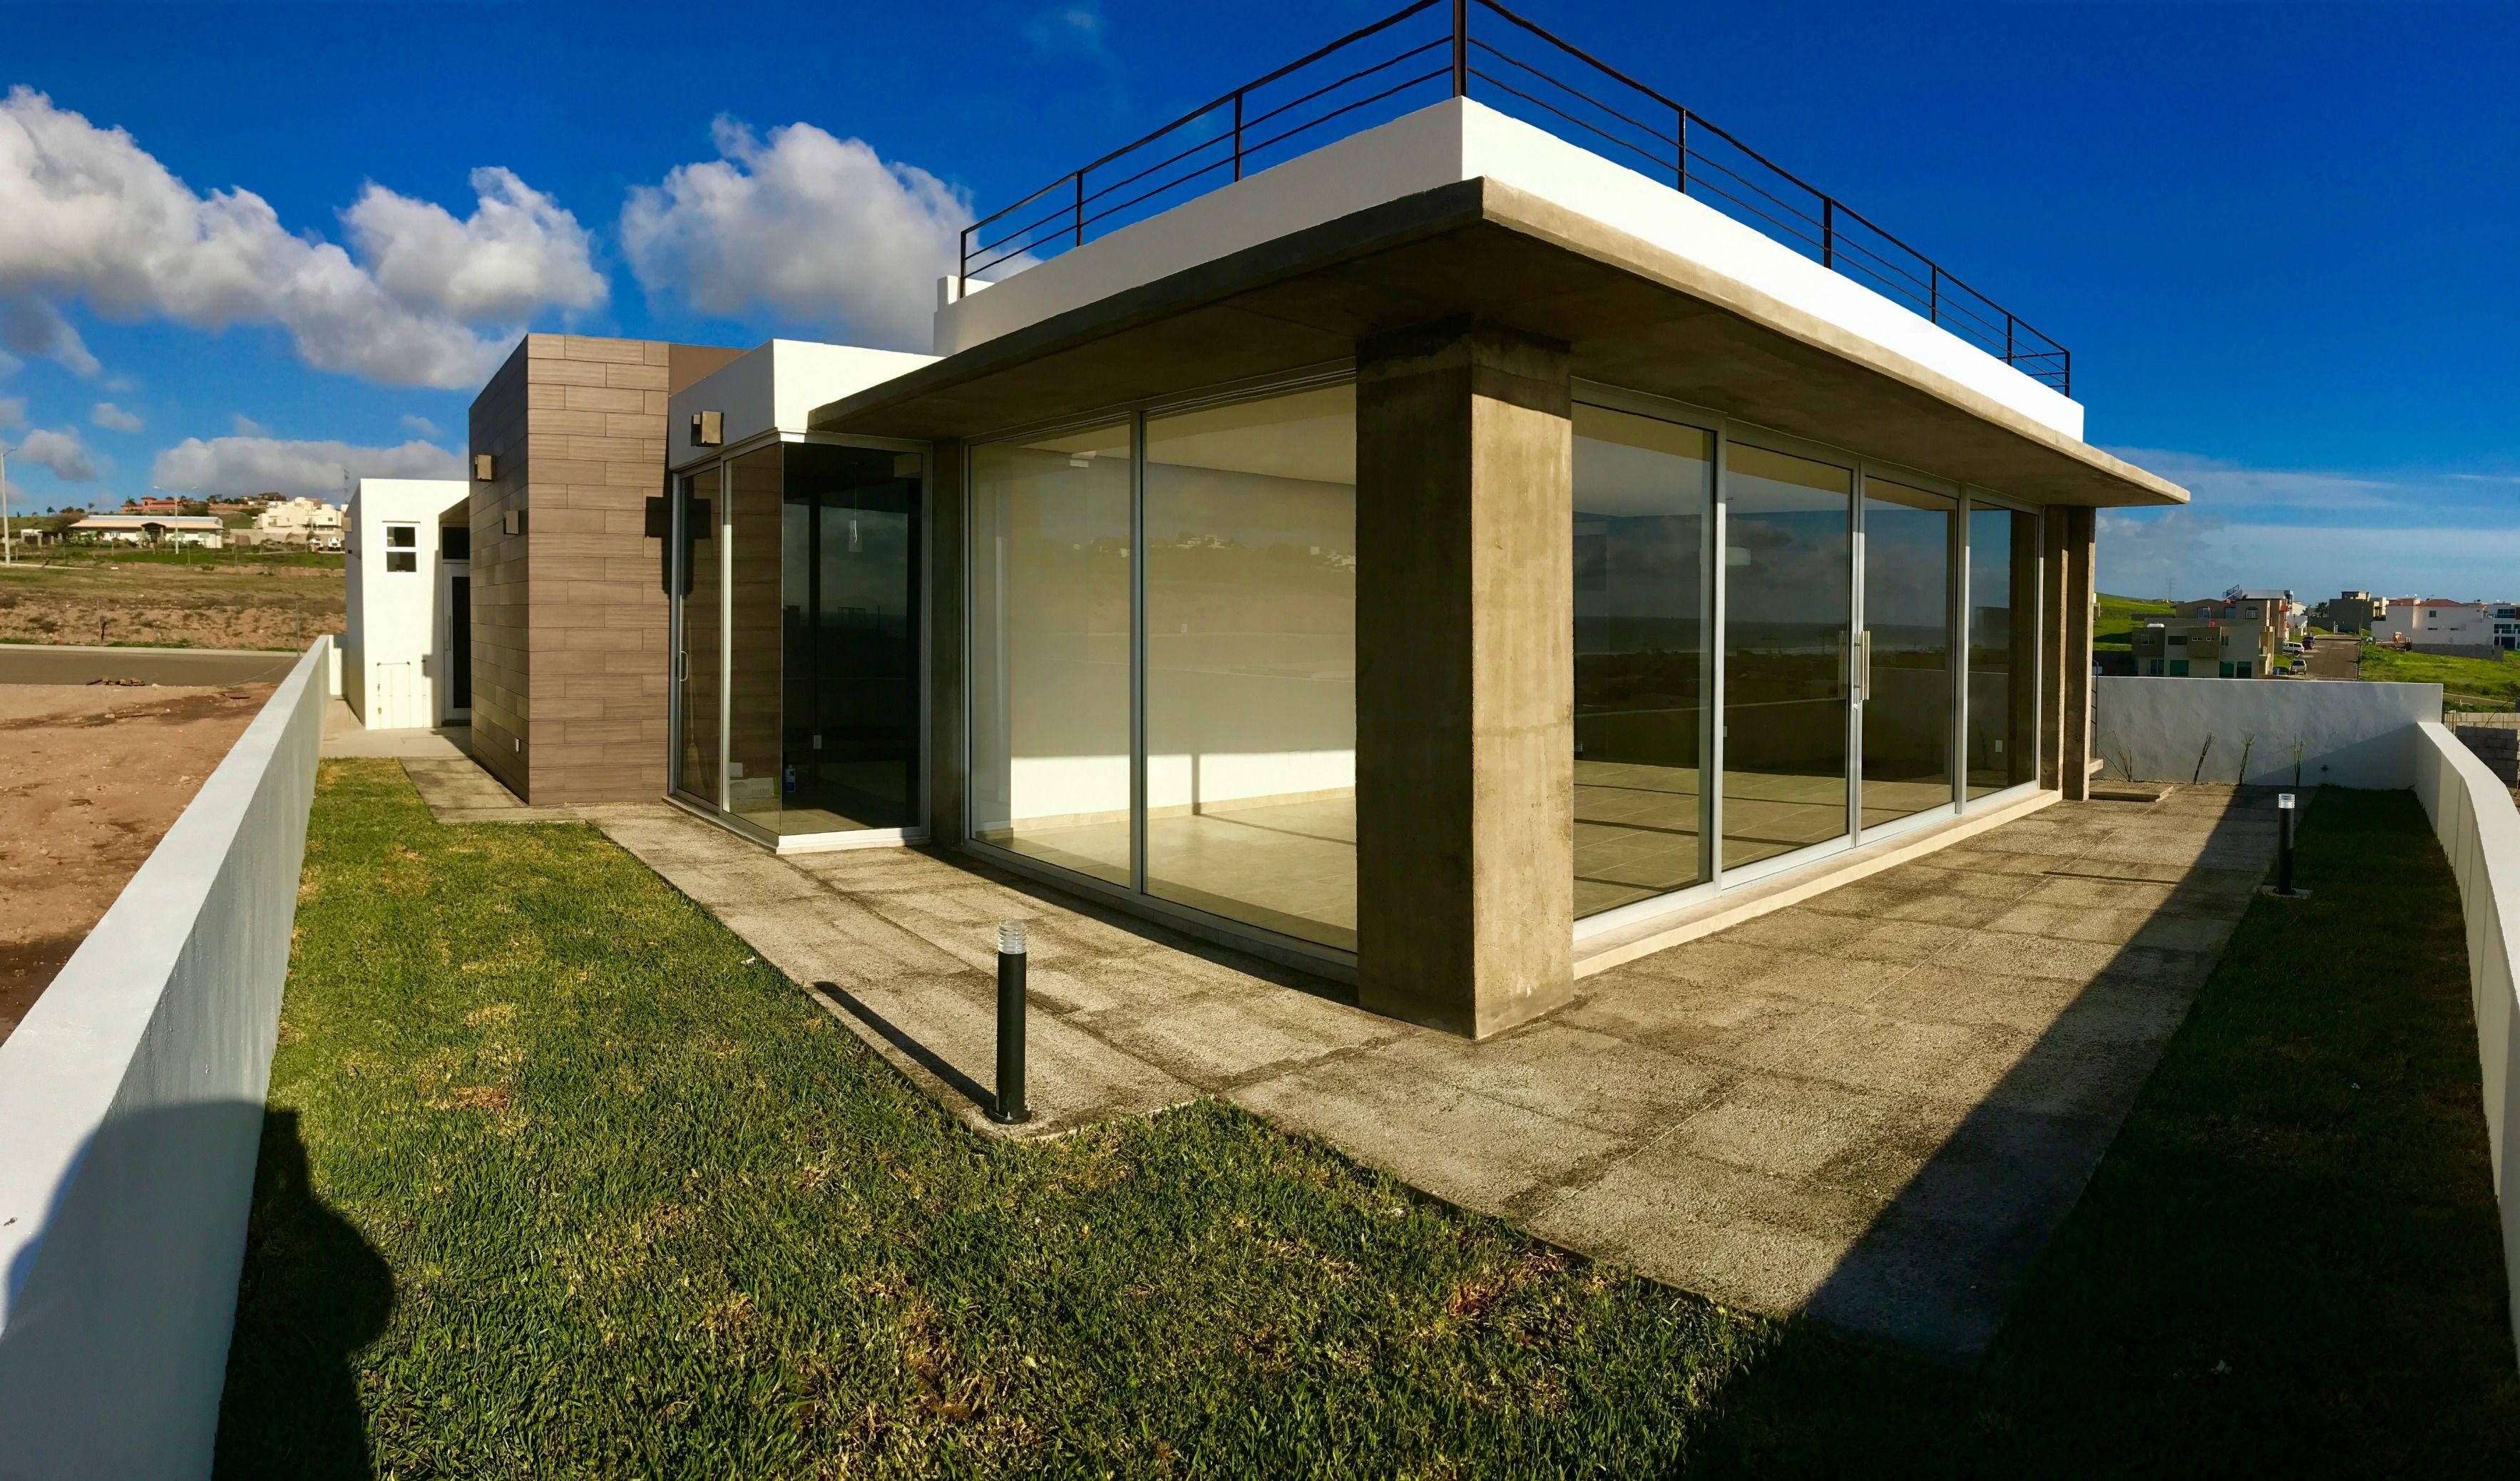 Casa en venta en exclusivo residencial frente al mar